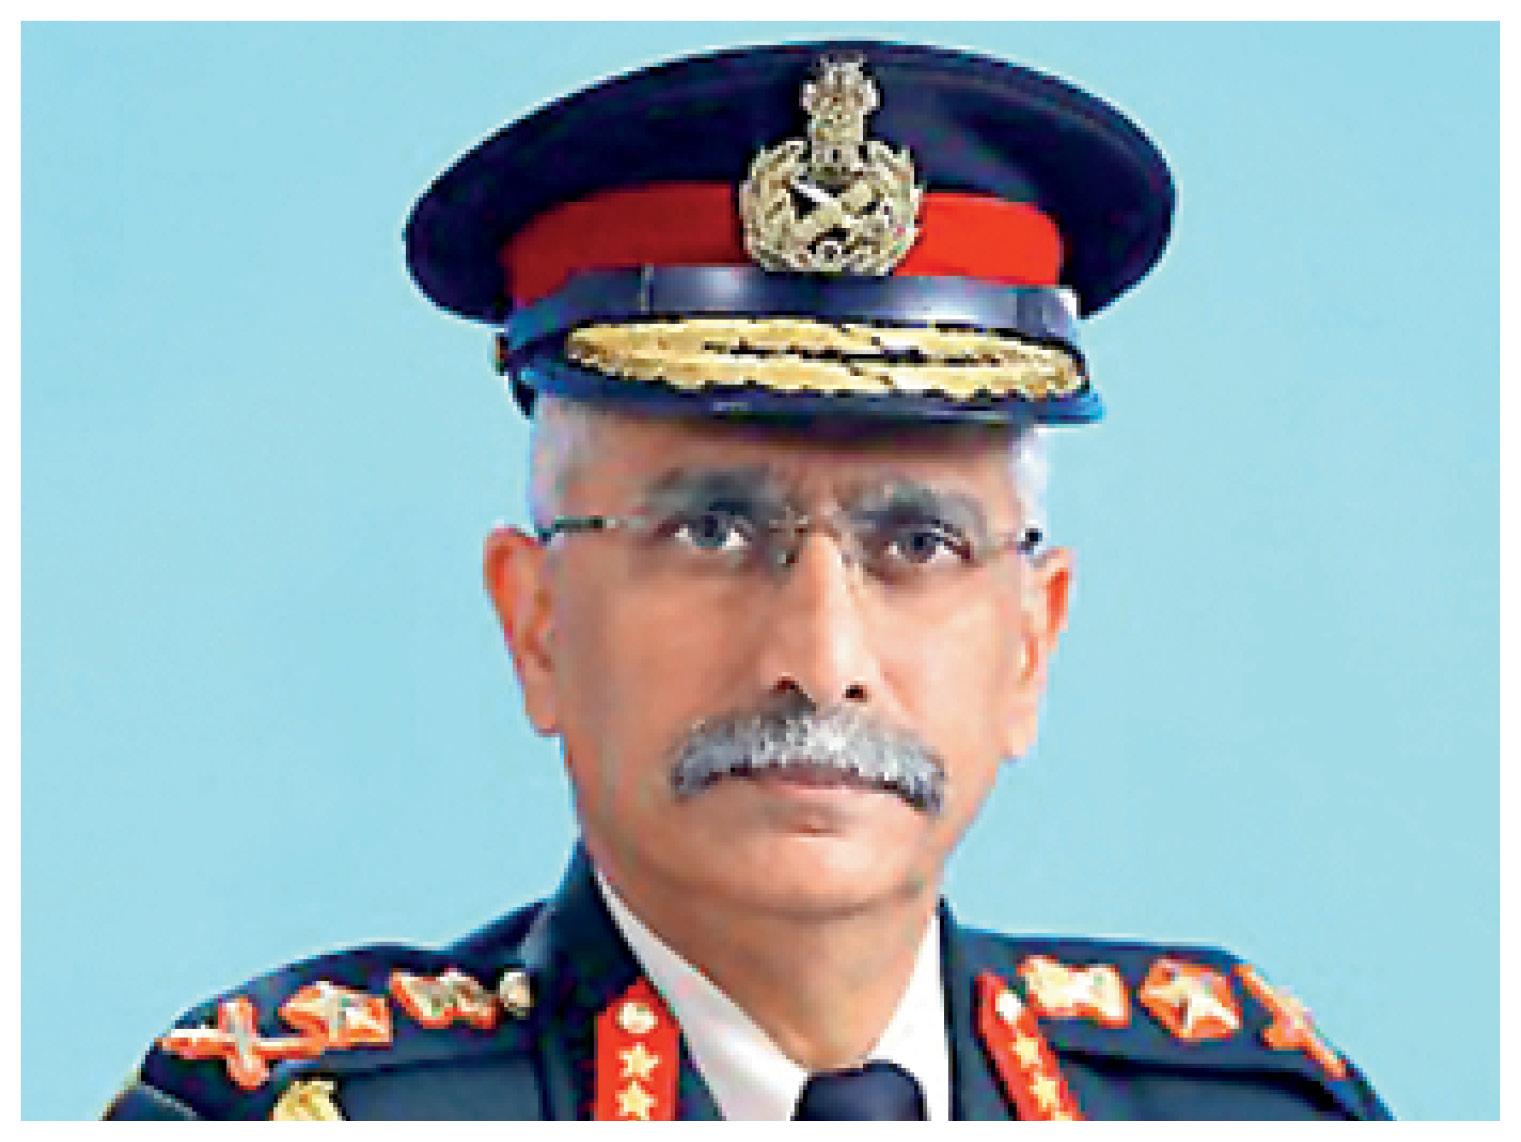 जनरल मनोज मुकुंद नरवणे, थल सेना प्रमुख